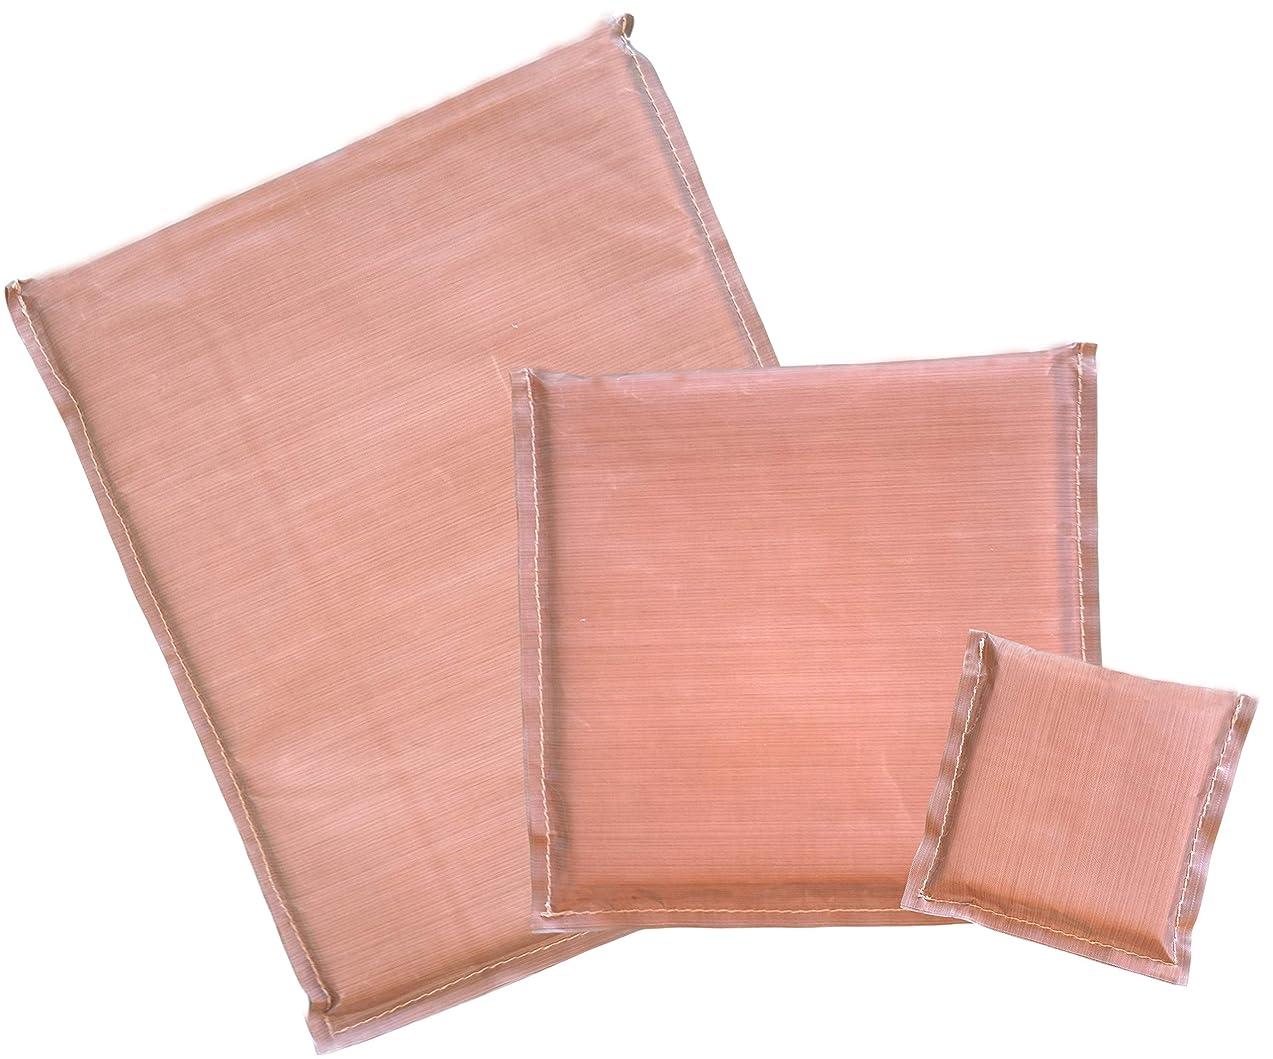 Firefly Craft Teflon Pillows for Heat Press Bundle - 15